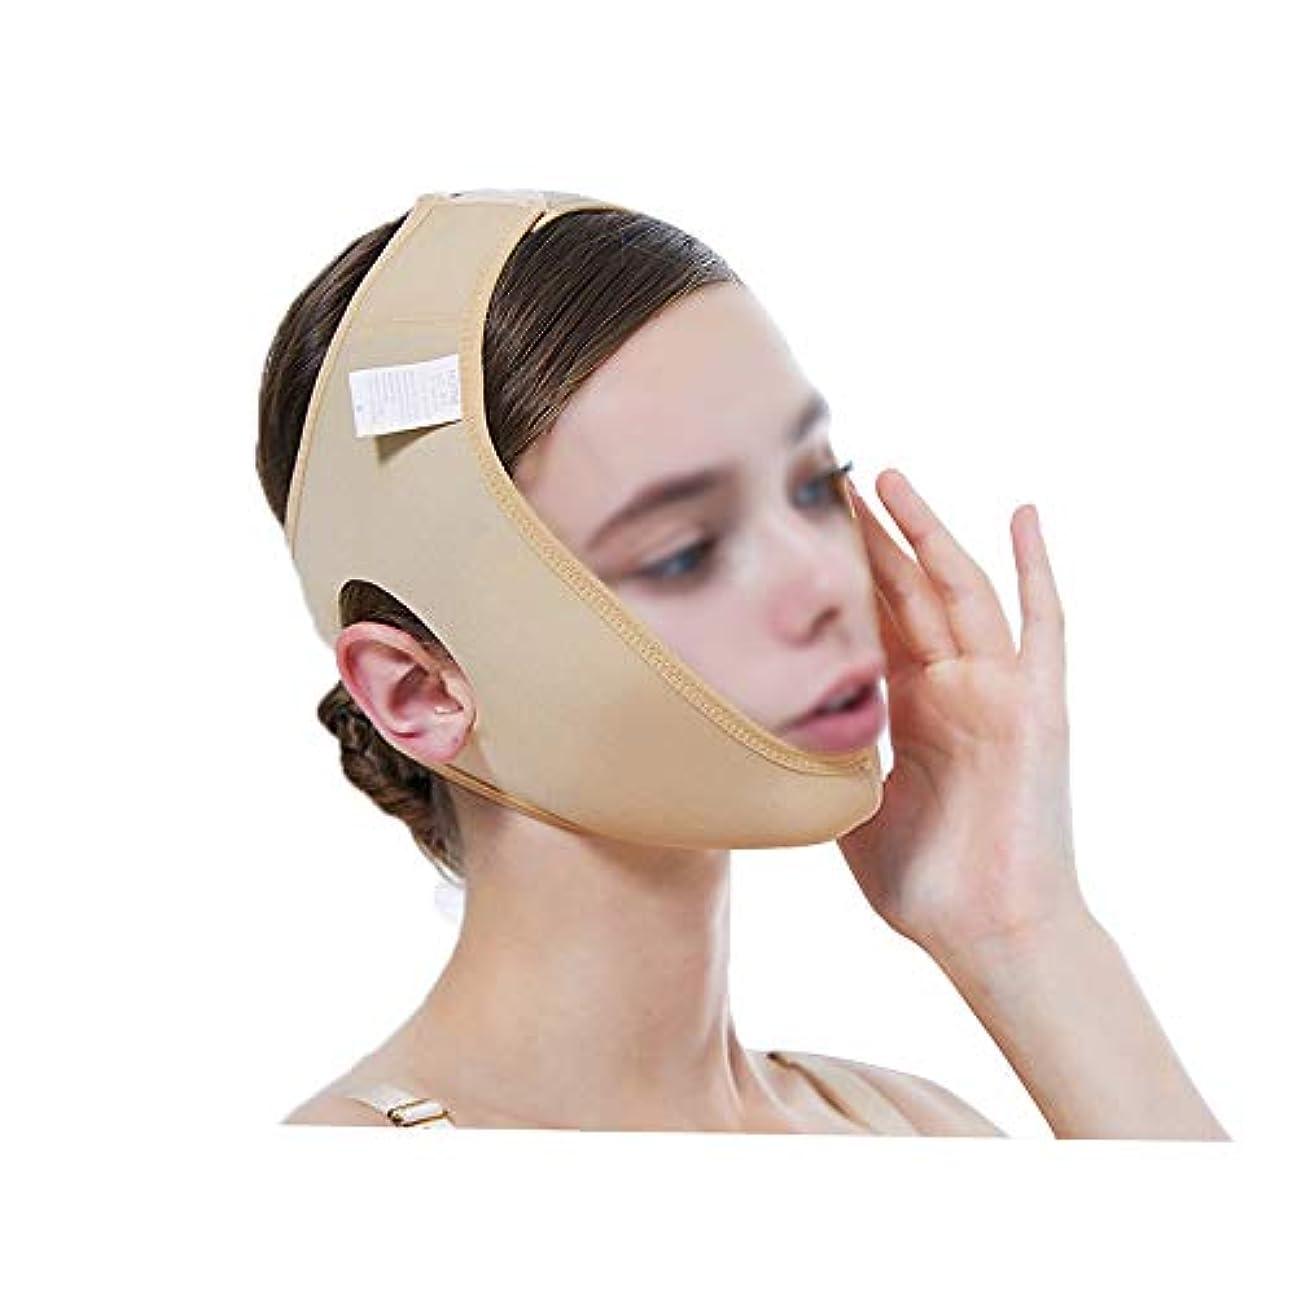 テクニカル祝福するパスタGLJJQMY フェイシャルとネックリフト減量ヘッドシンダブルチンアーティファクトVフェイシャルビームフェイシャルジョーセットマスク 顔用整形マスク (Size : XS)